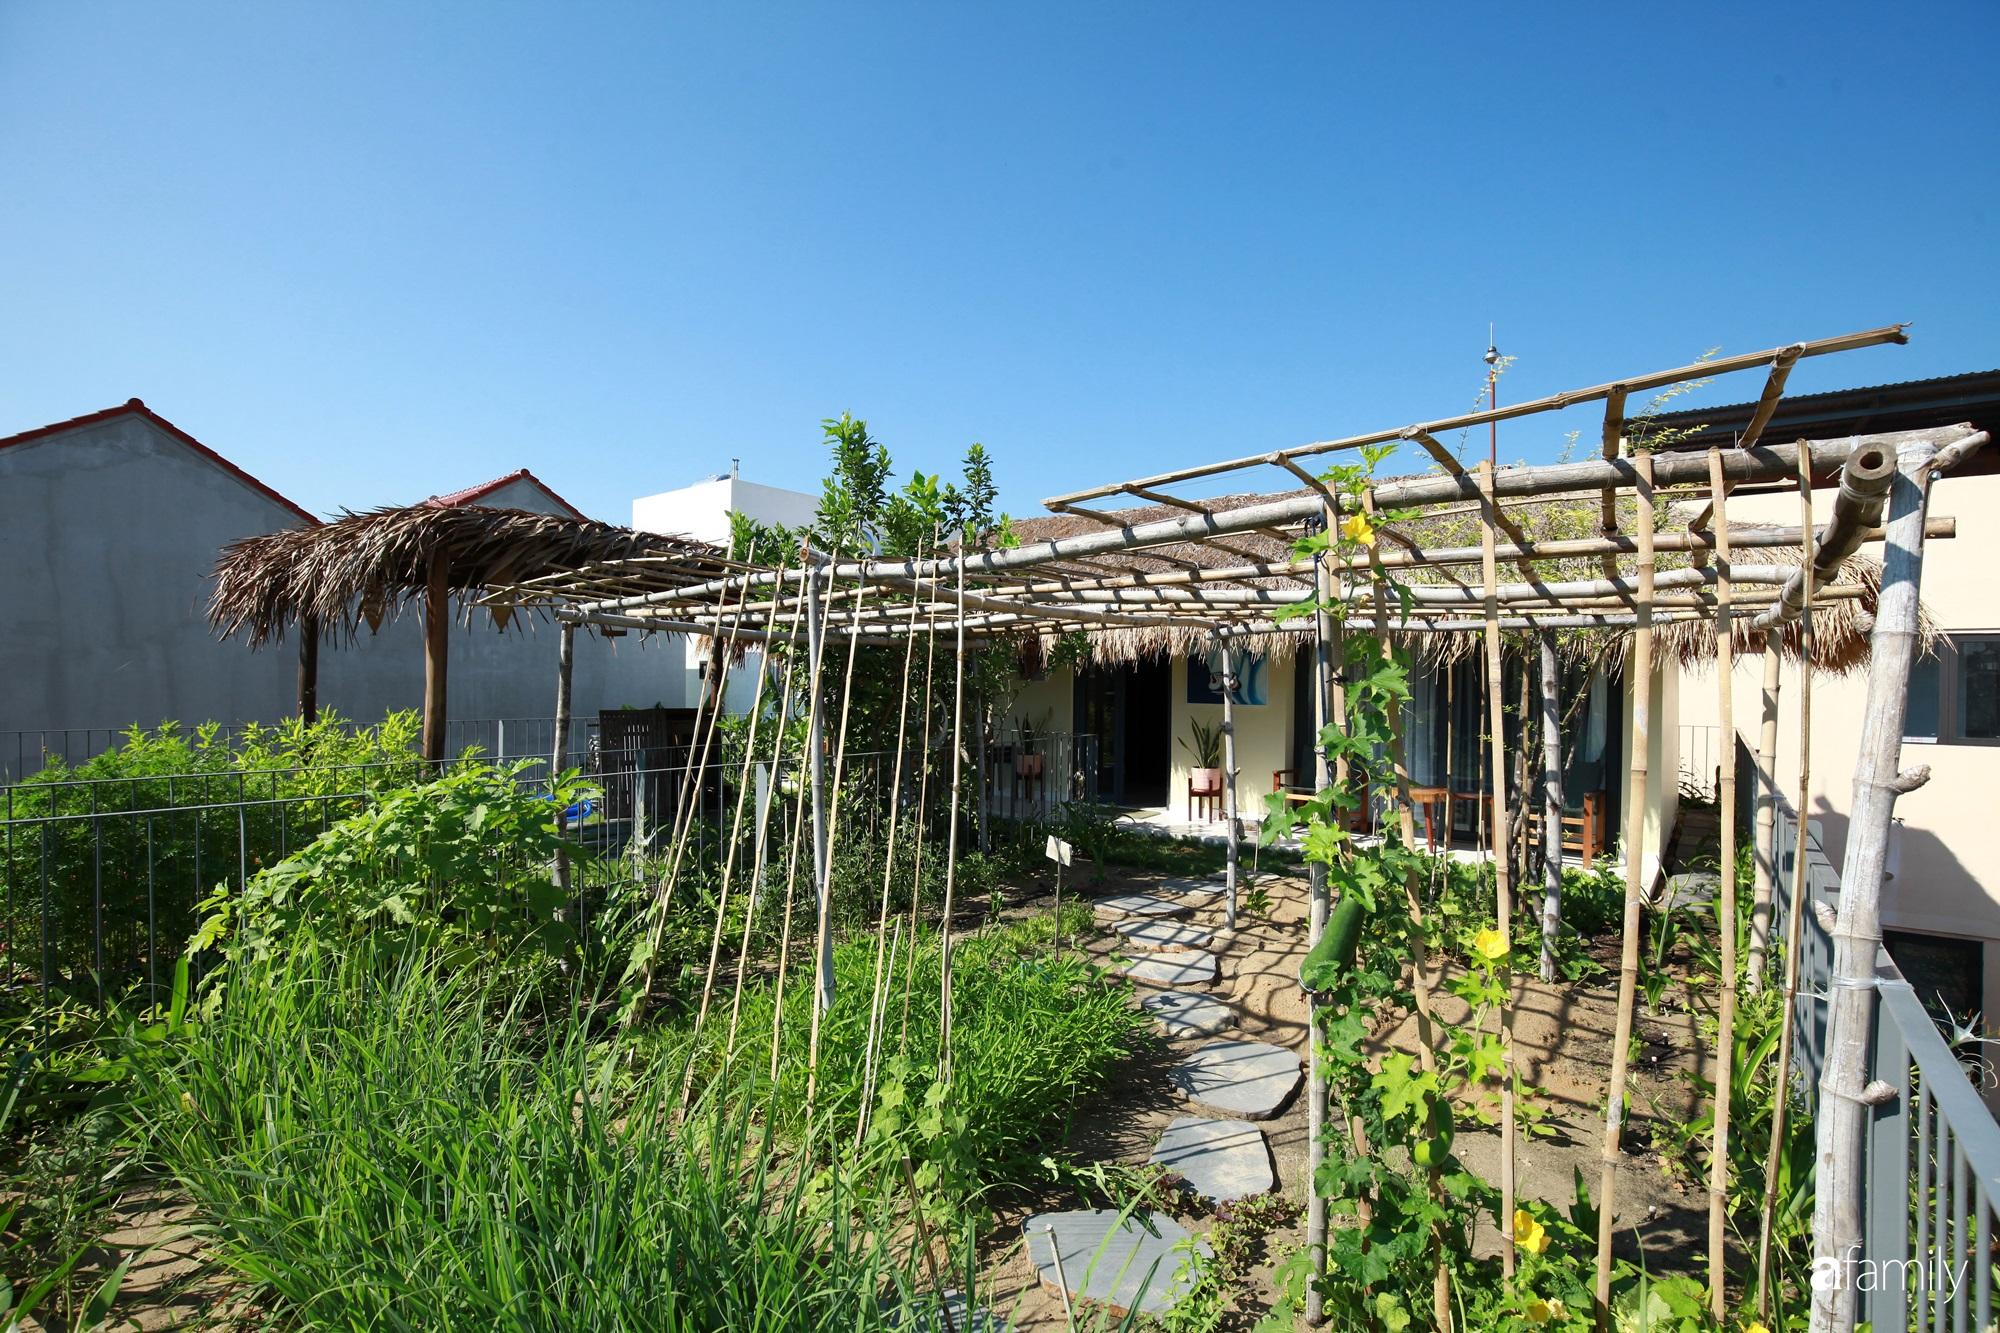 Nhà vườn mái tranh rộng 200m² với đủ tiện nghi hiện đại nổi bật giữa phố thị Hội An có chi phí xây dựng 2,1 tỷ đồng - Ảnh 8.